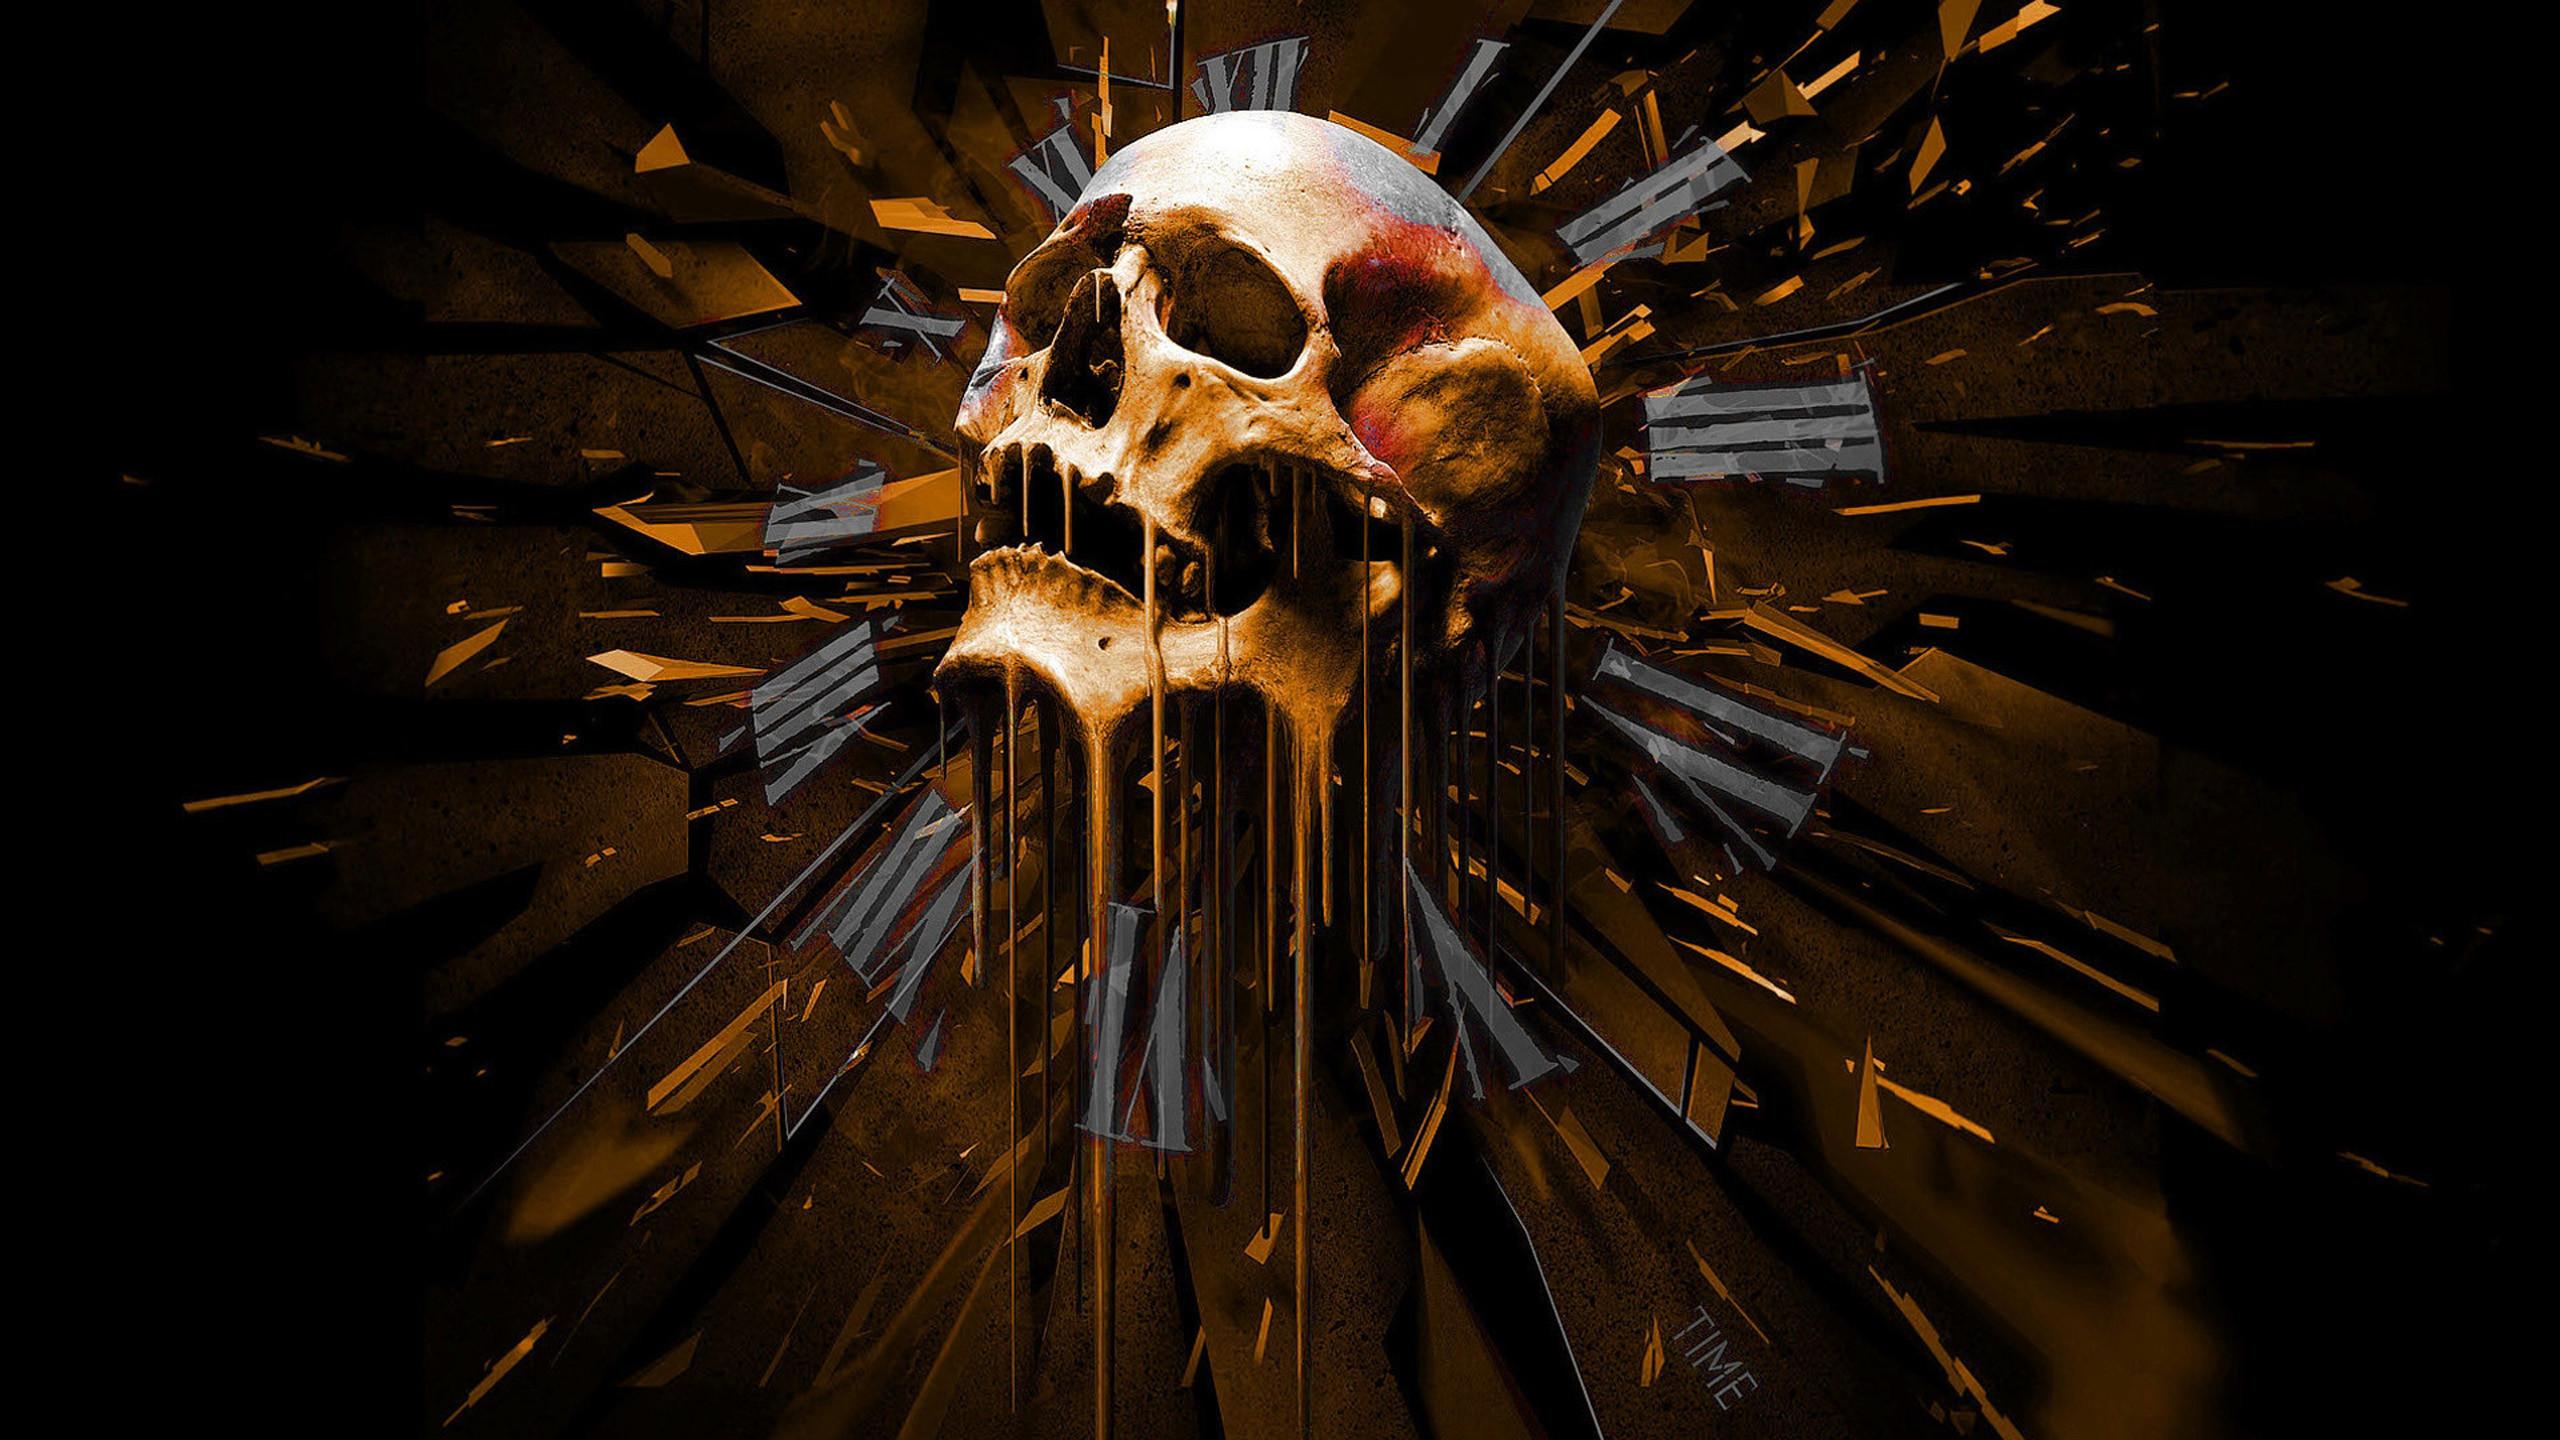 Evil skull wallpaper wallpapertag - Scary skull backgrounds ...